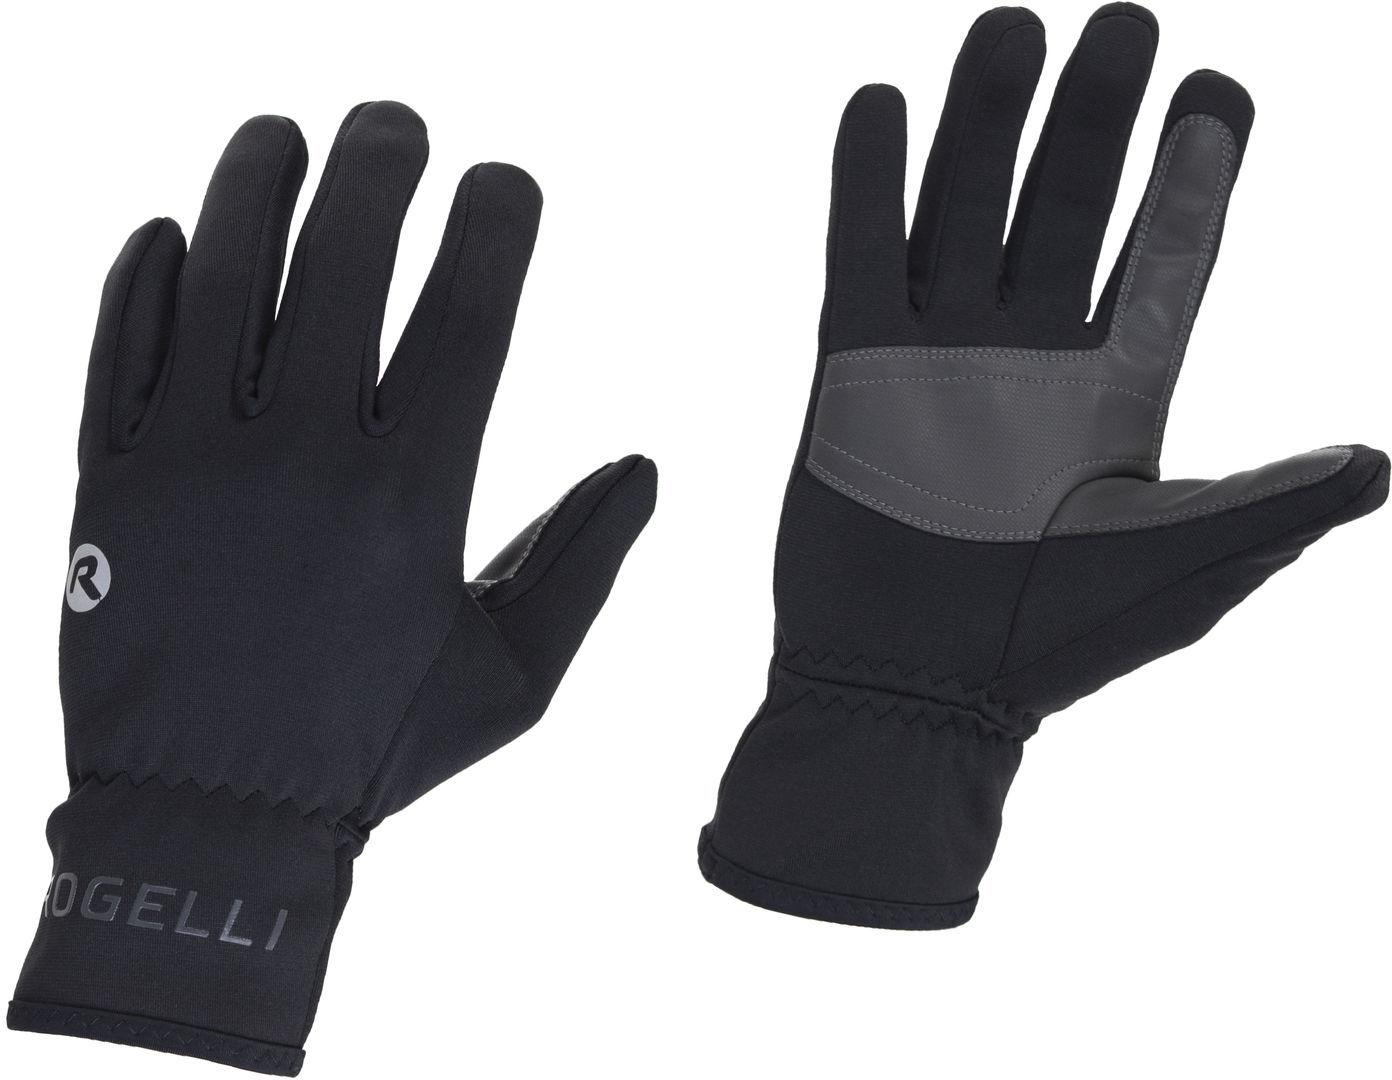 ROGELLI QLIMATE przejściowe ocieplane uniwersalne rękawiczki rowerowe, czarne Rozmiar: 2XL,006.129